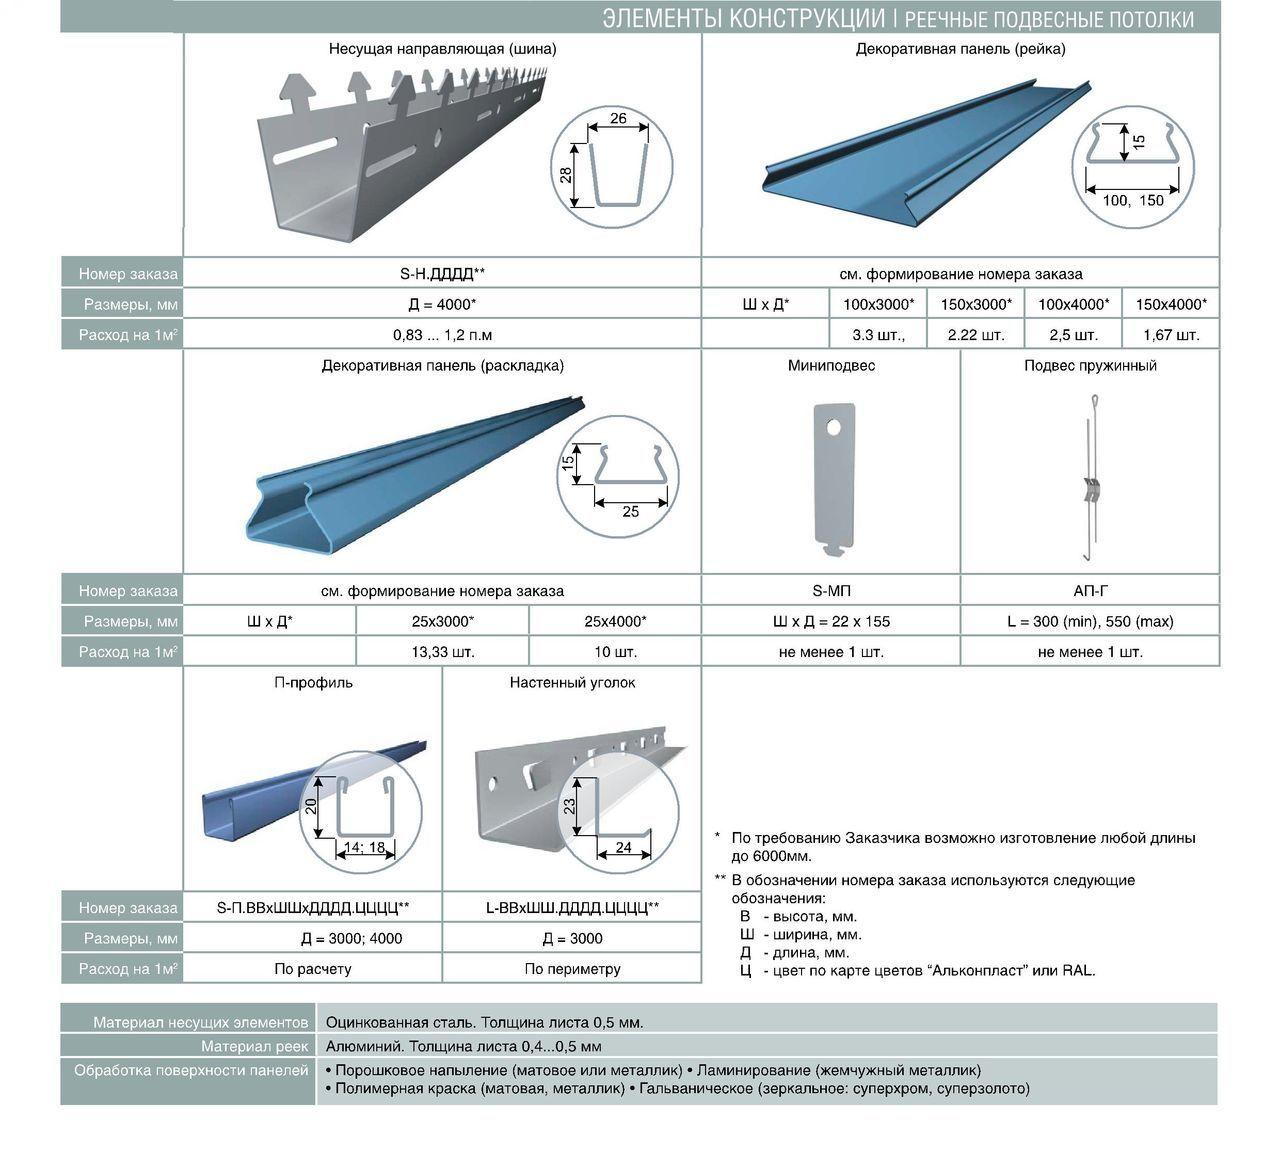 Элементы конструкции реечных потолков Cesal (французский дизайн)